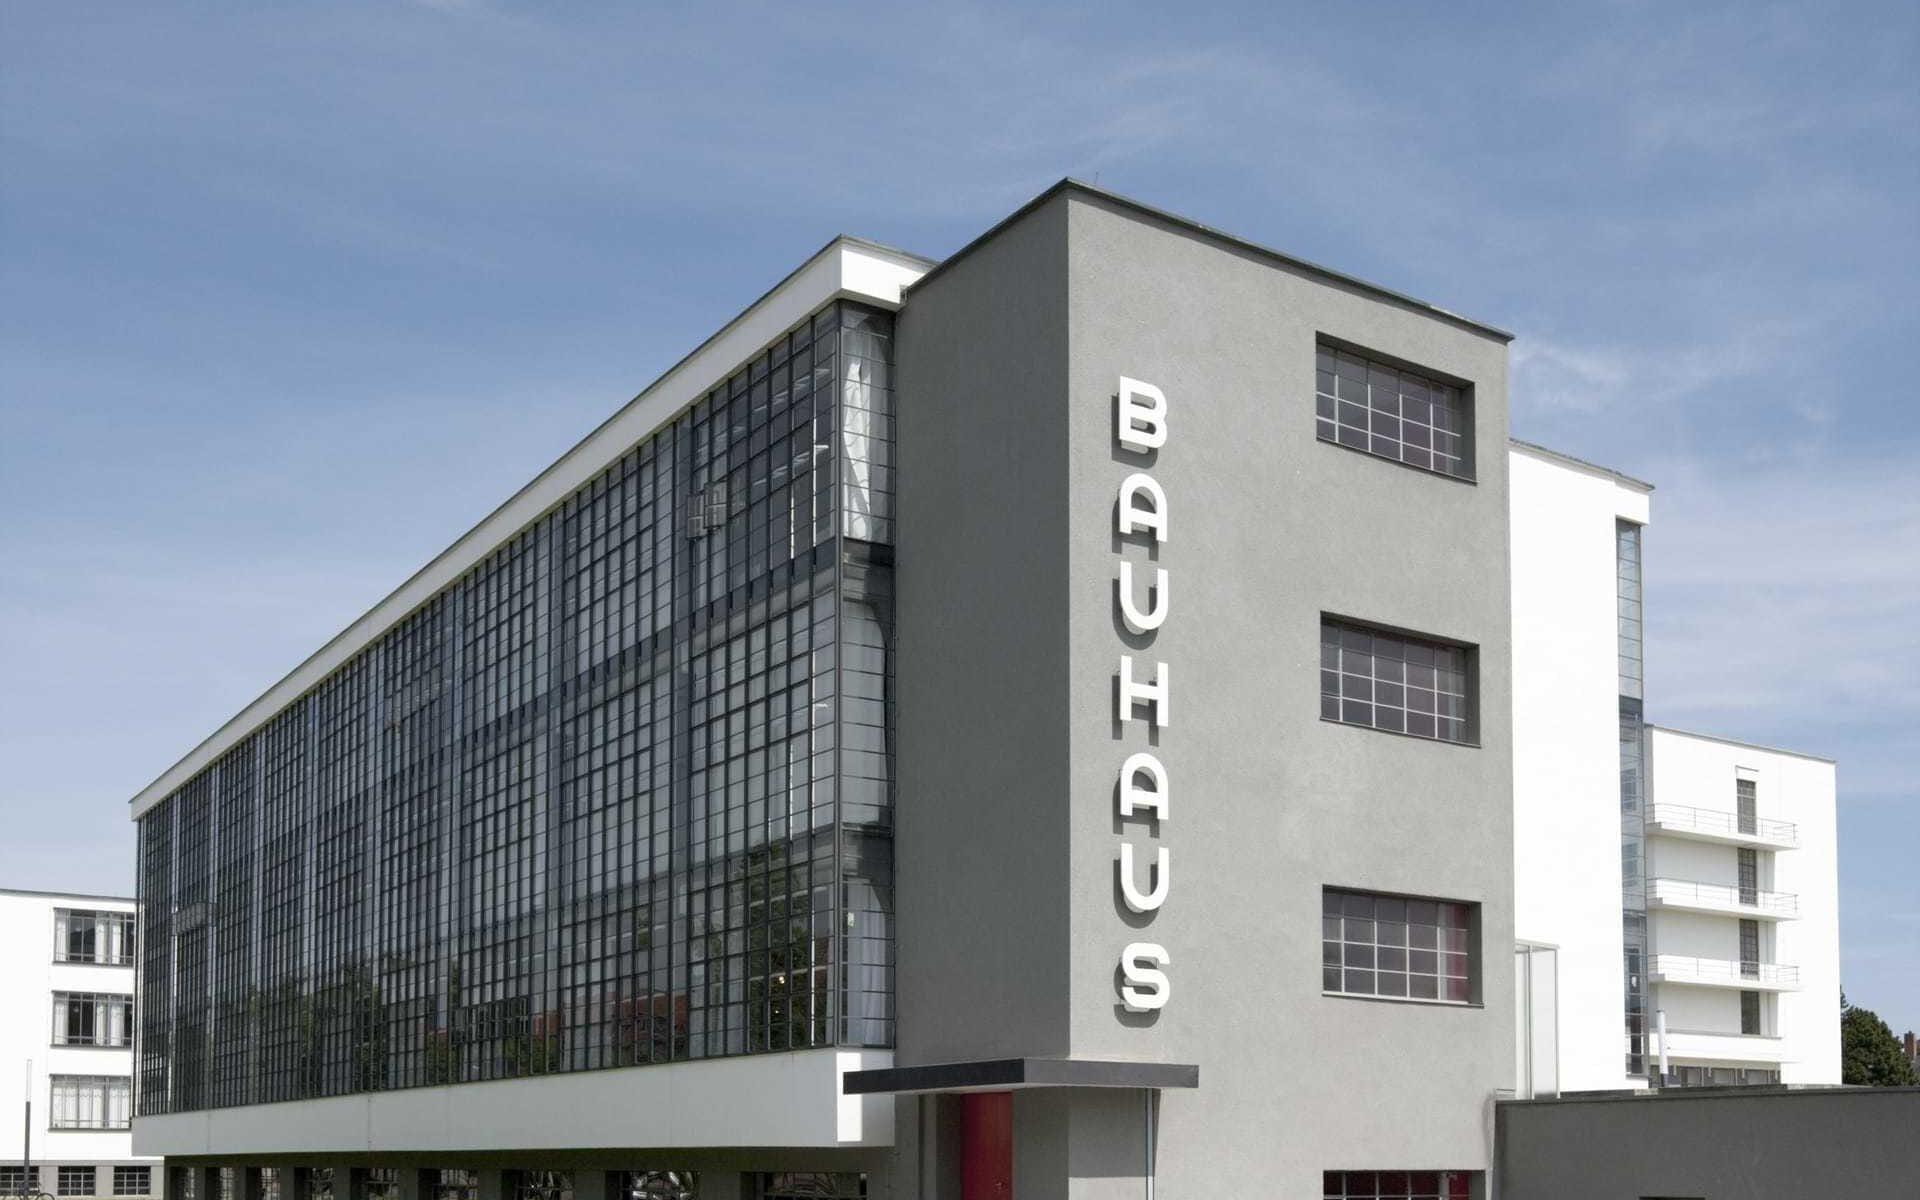 Full Size of Bauhaus Whirlpool Aussen Mars Outdoor Aufblasbar Lay Z Spa Miami Intex Das In Thringen Sachsen Anhalt Sabtours Garten Fenster Wohnzimmer Whirlpool Bauhaus